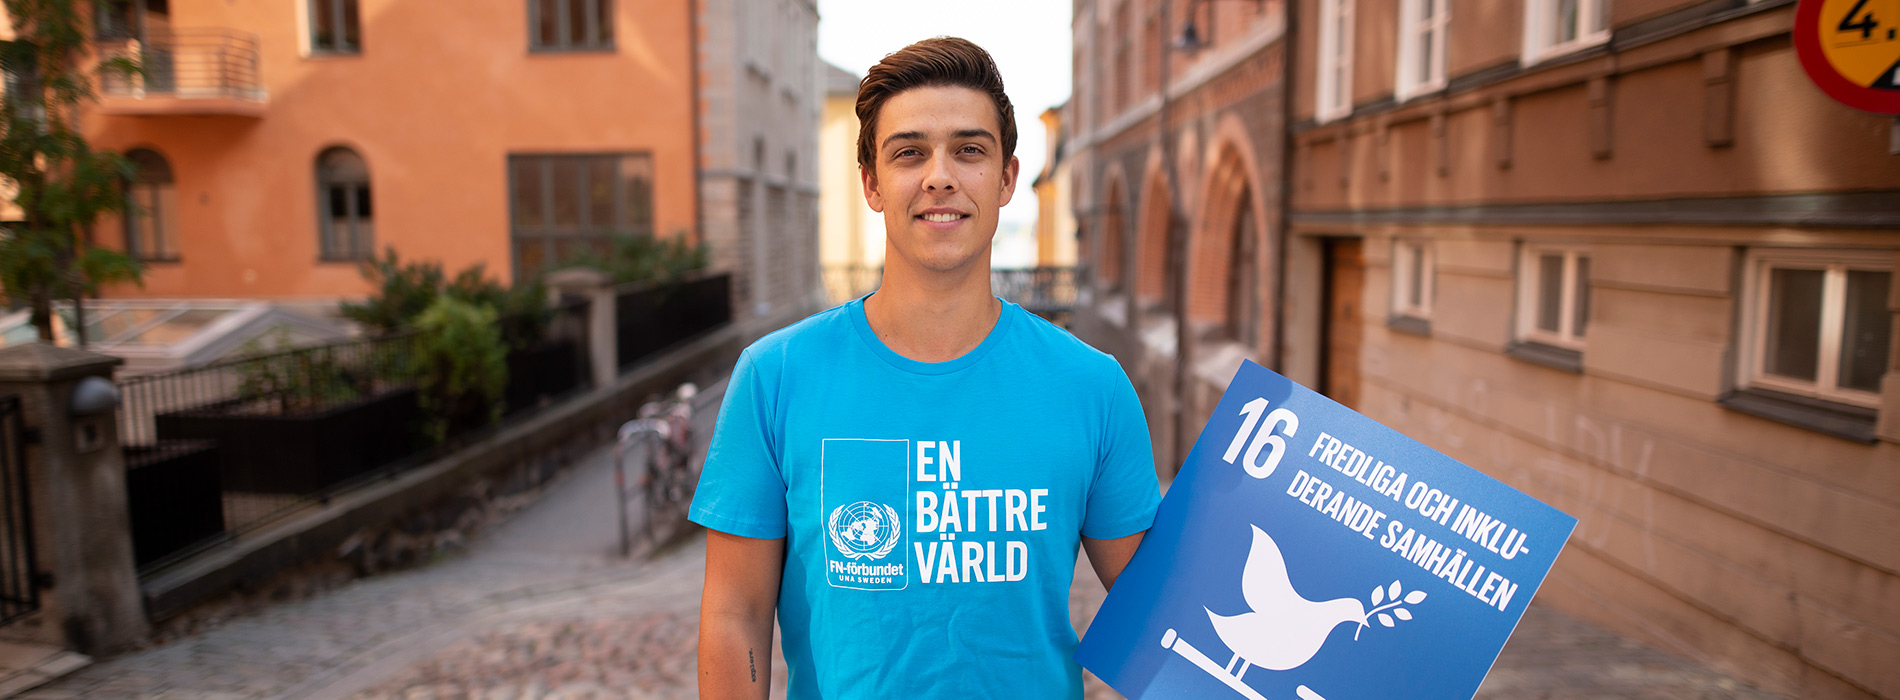 Elias Aspudd, ungdomssekretarere, uppmanar alla att rösta